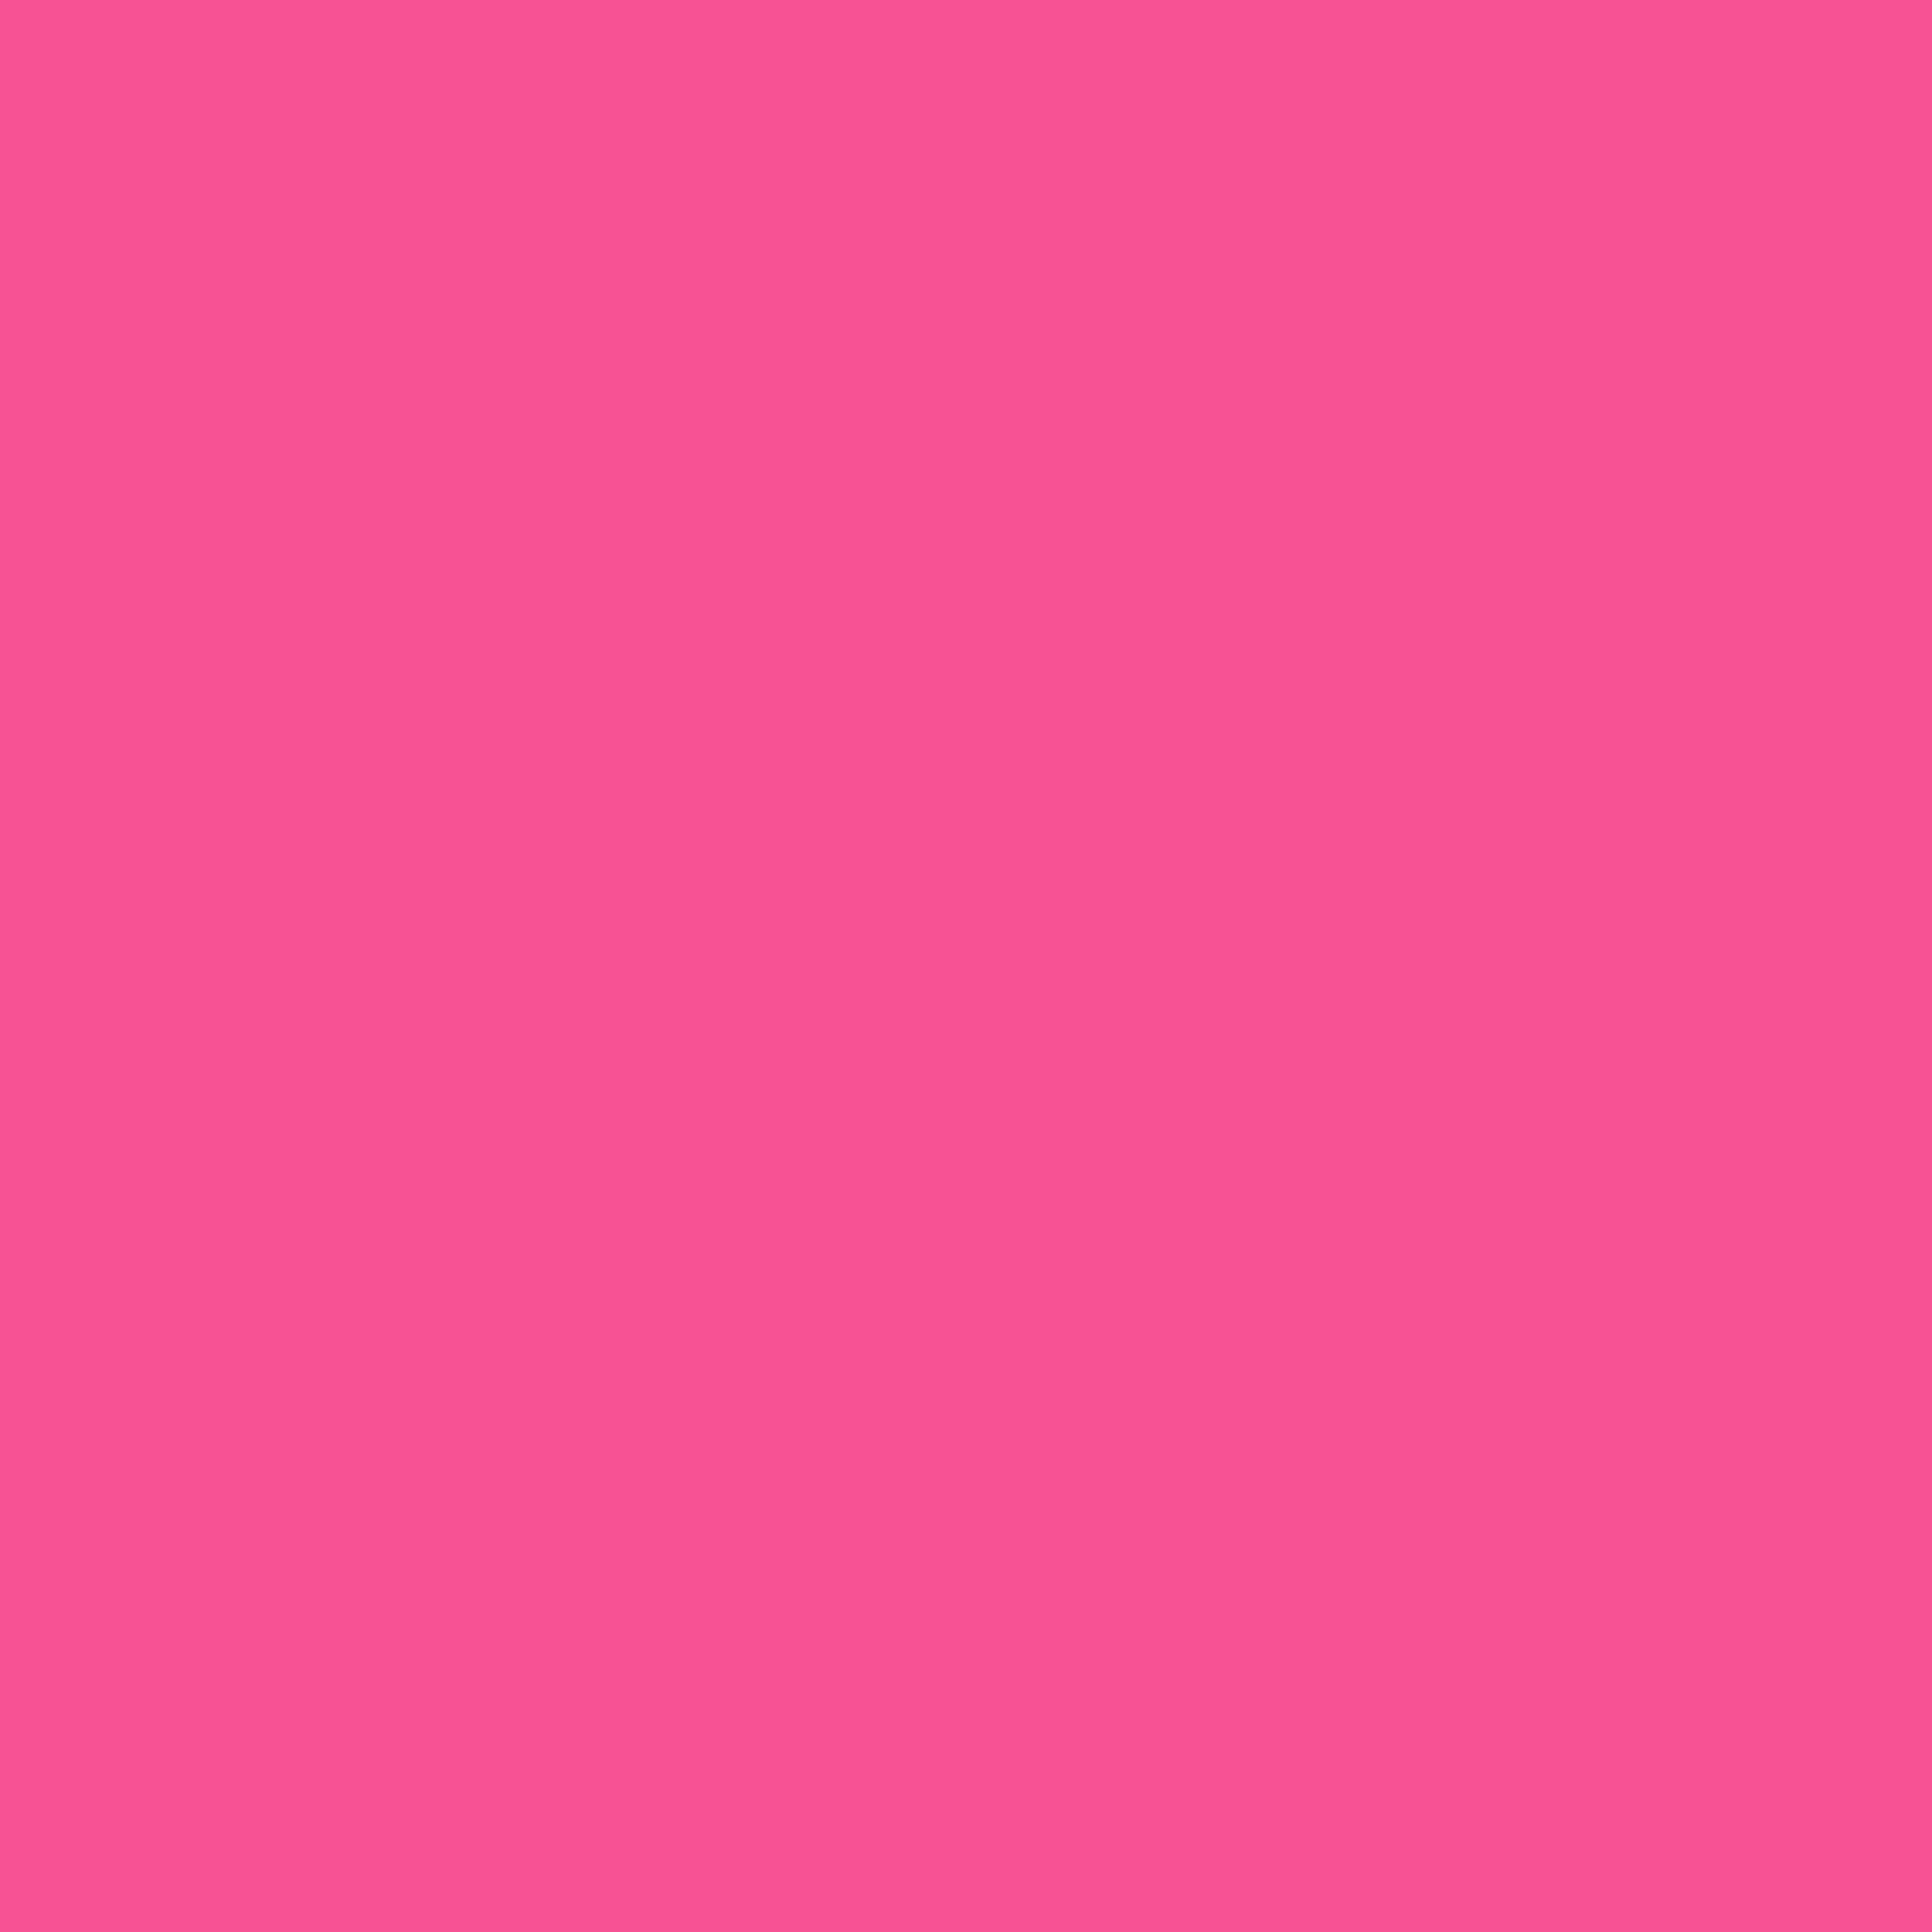 2048x2048 Violet-red Solid Color Background